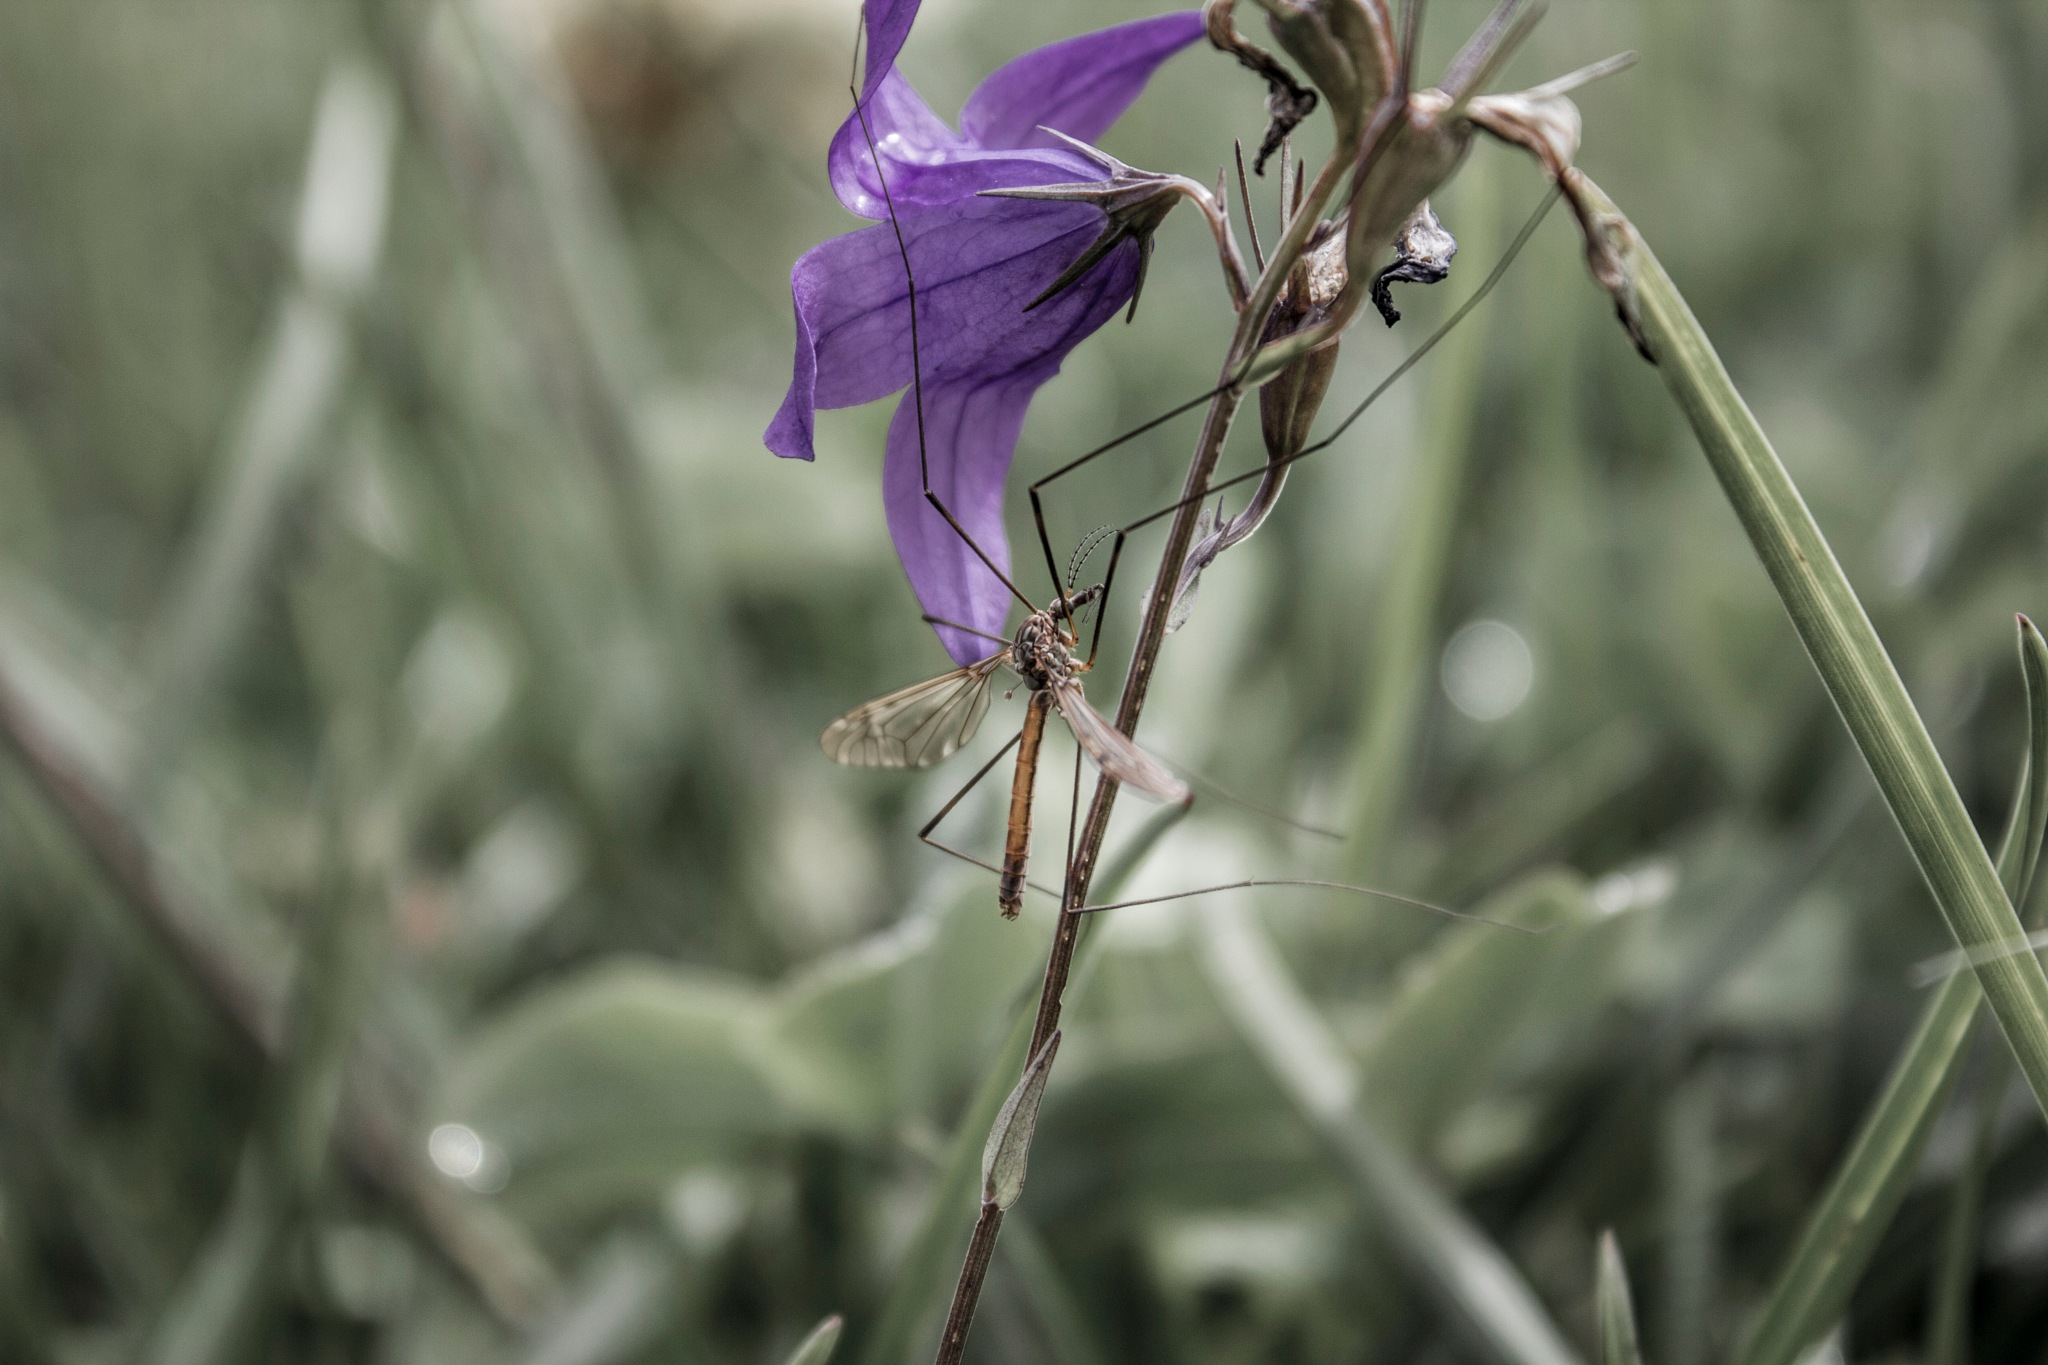 Çiçek ve Böcek by Bülent Aydın